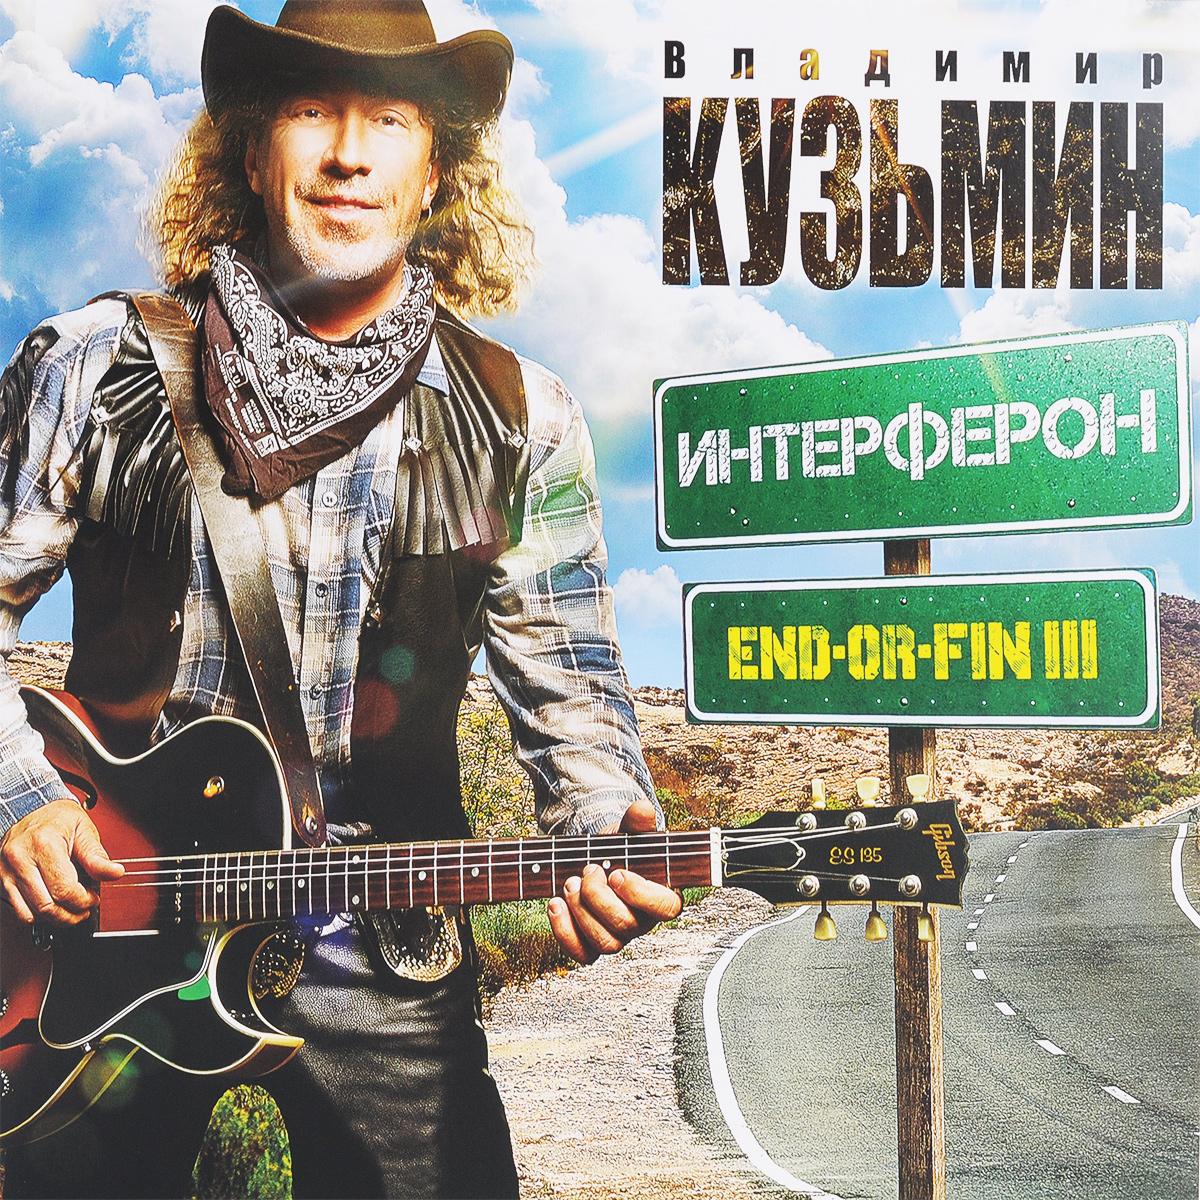 Владимир Кузьмин Владимир Кузьмин. Интерферон. End-or-fin III (LP) владимир кузьмин